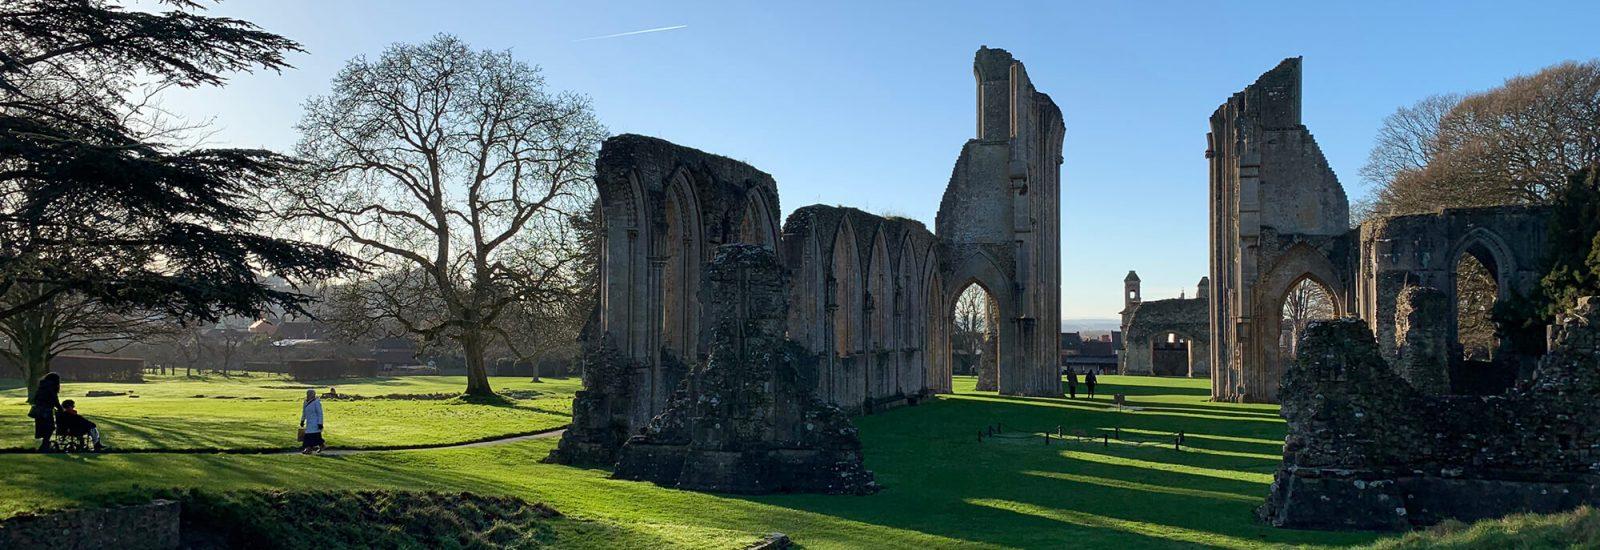 Image of Glastonbury Abbey